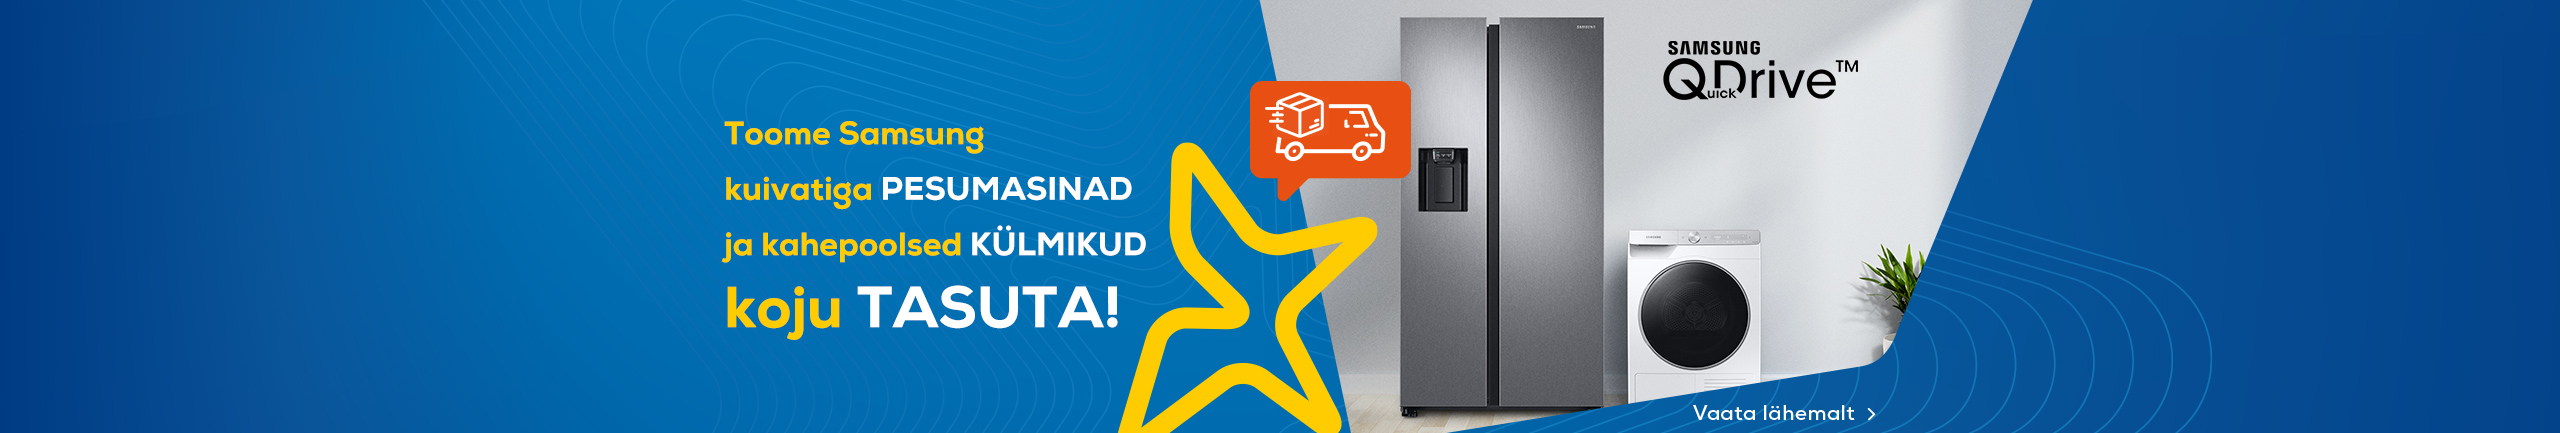 Toome Samsung kuivatiga pesumasinad ja kahepoolsed külmikud tasuta koju!